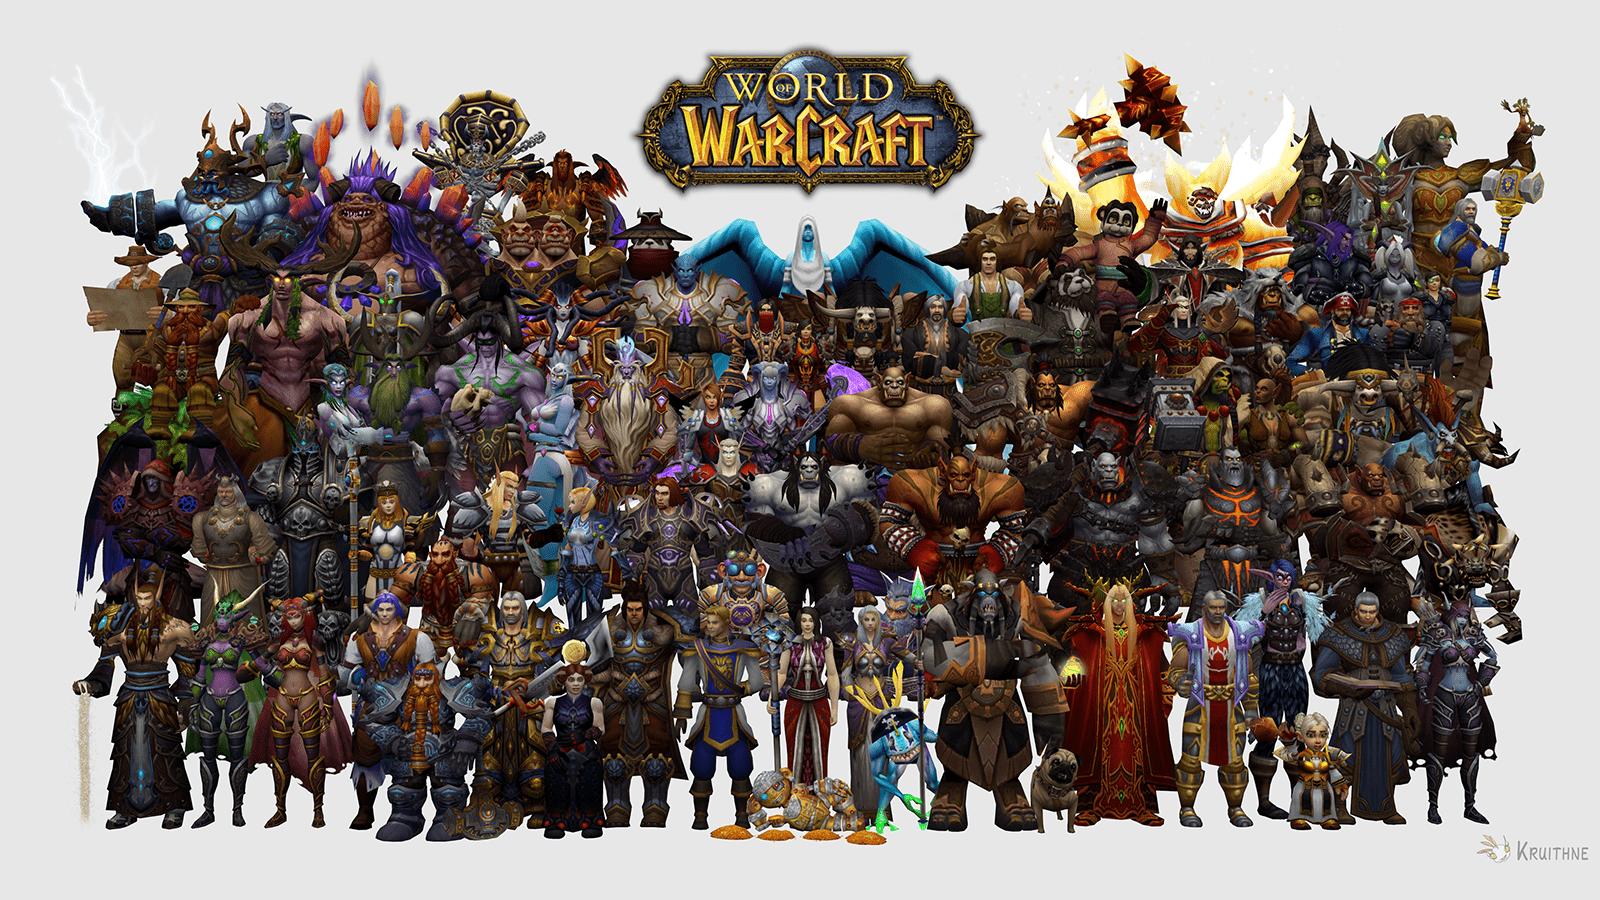 Самые популярные персонажи игры World of Warcraft